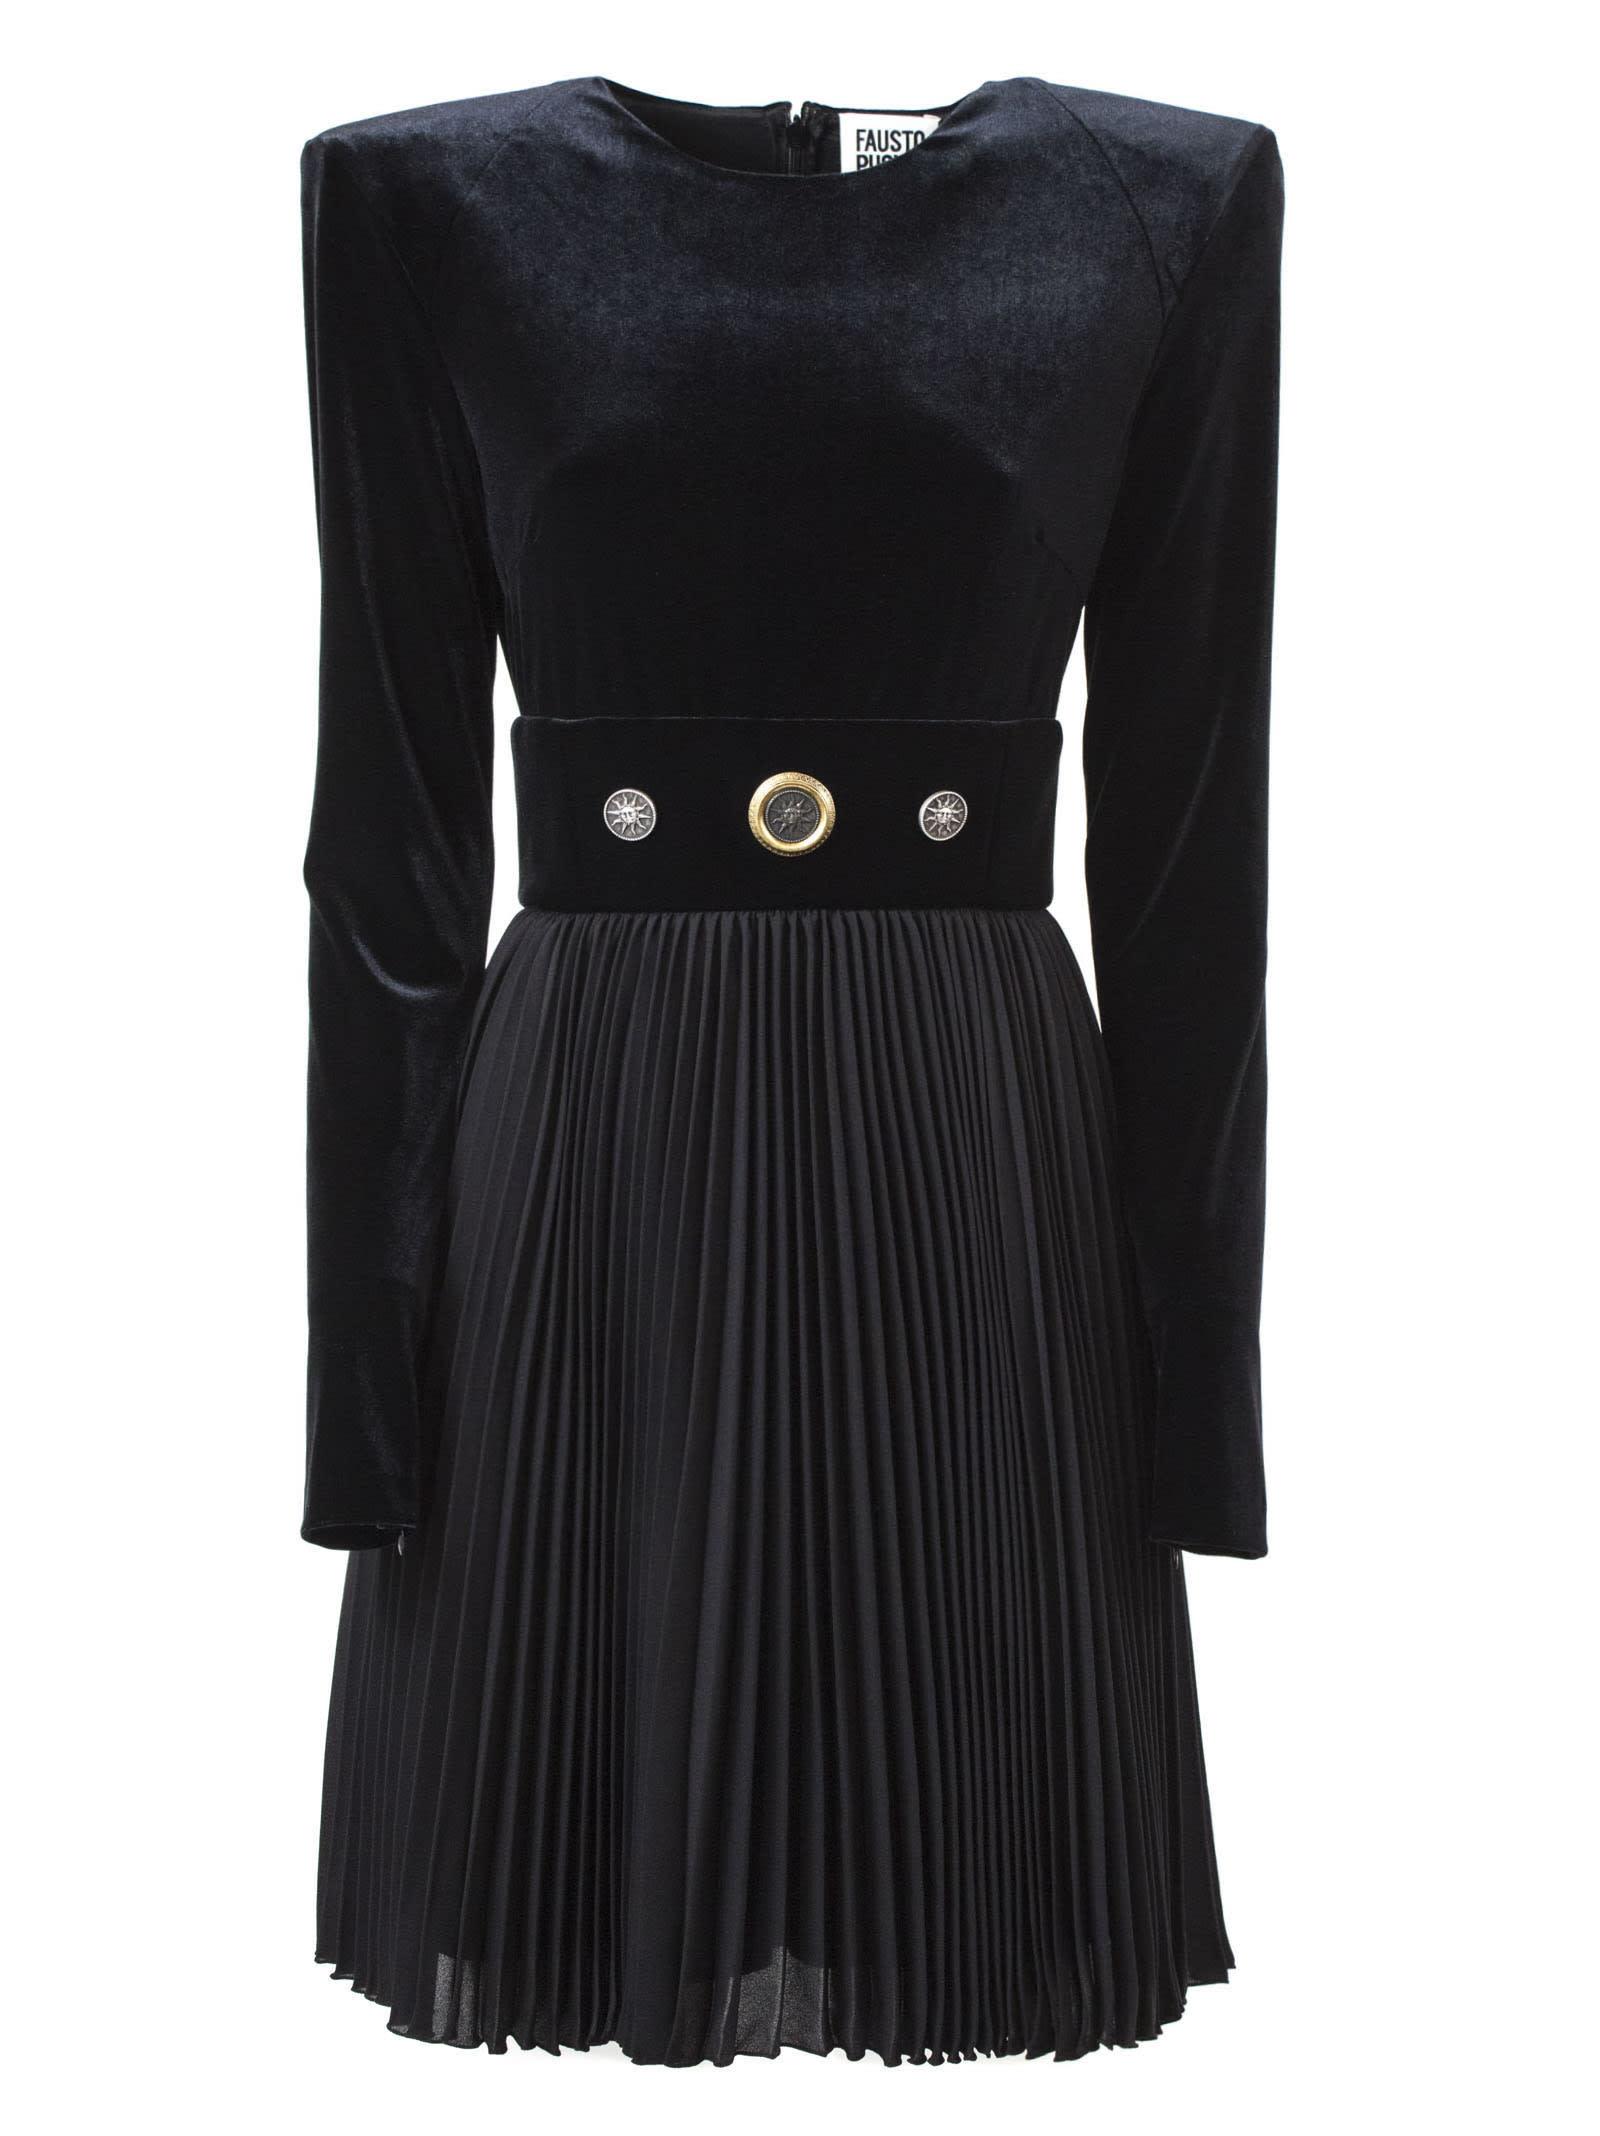 Fausto Puglisi Black Velvet Dress